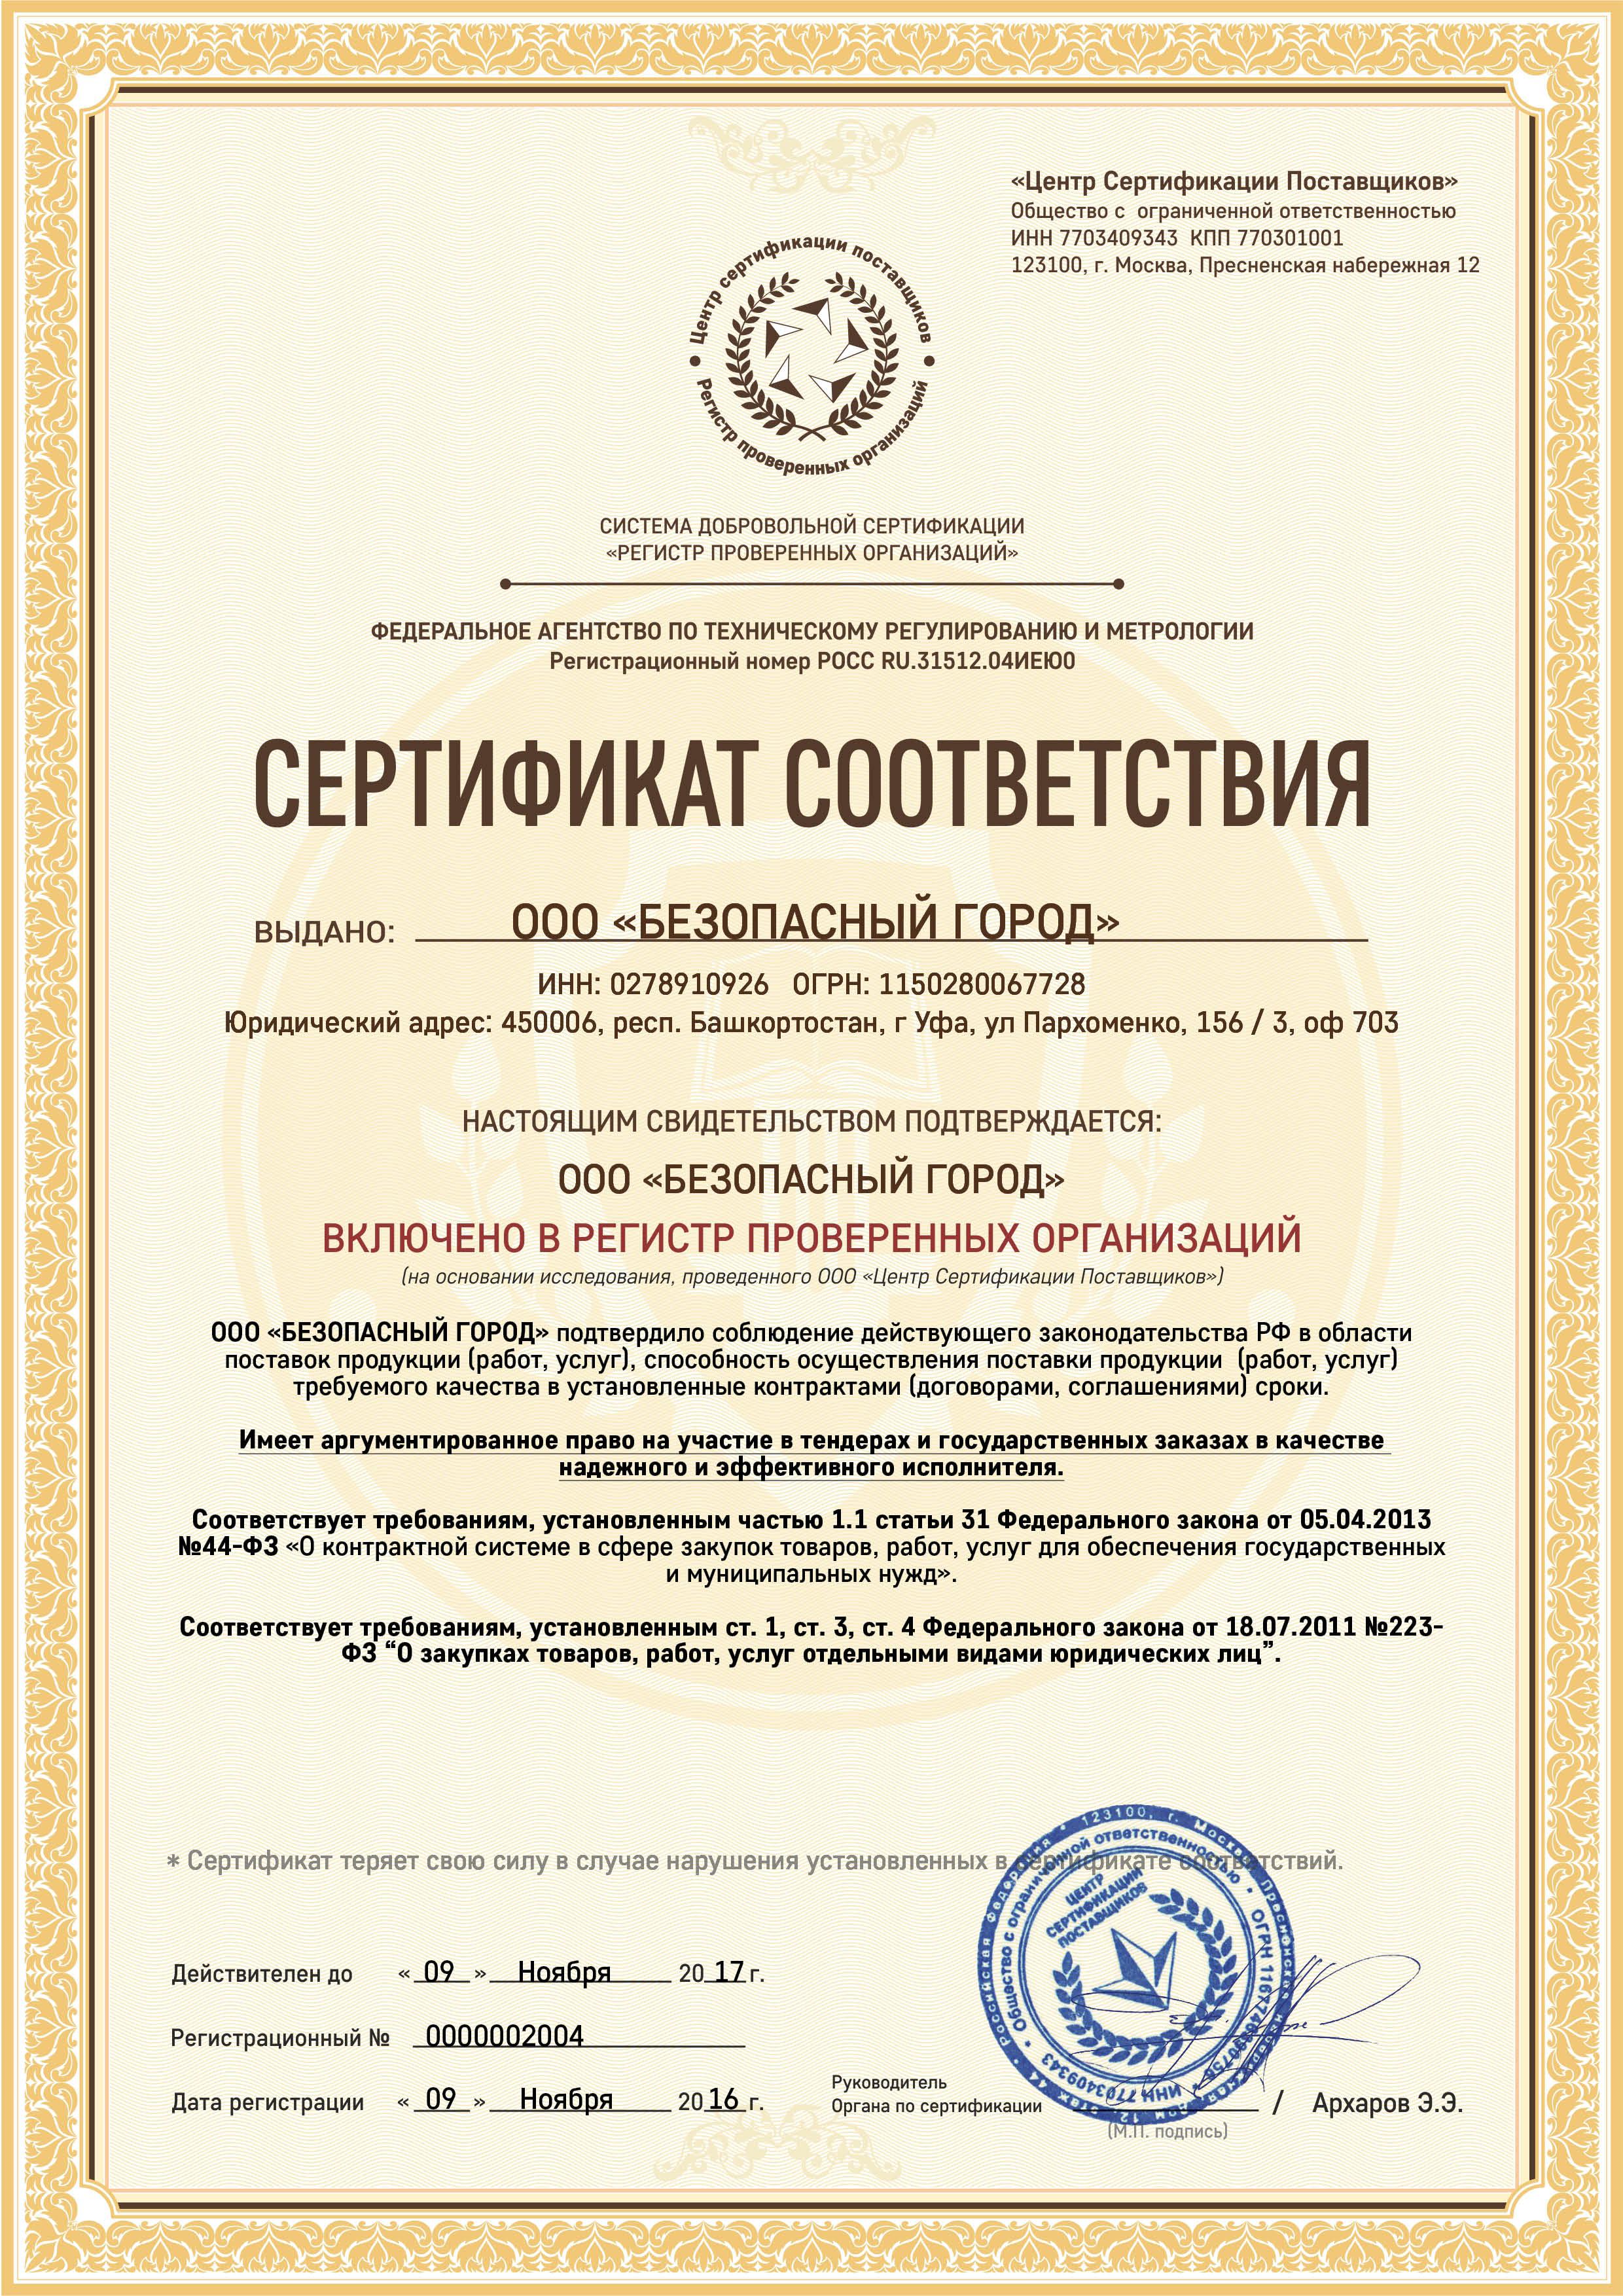 Сертификат соотвествия регистр провереных организаций